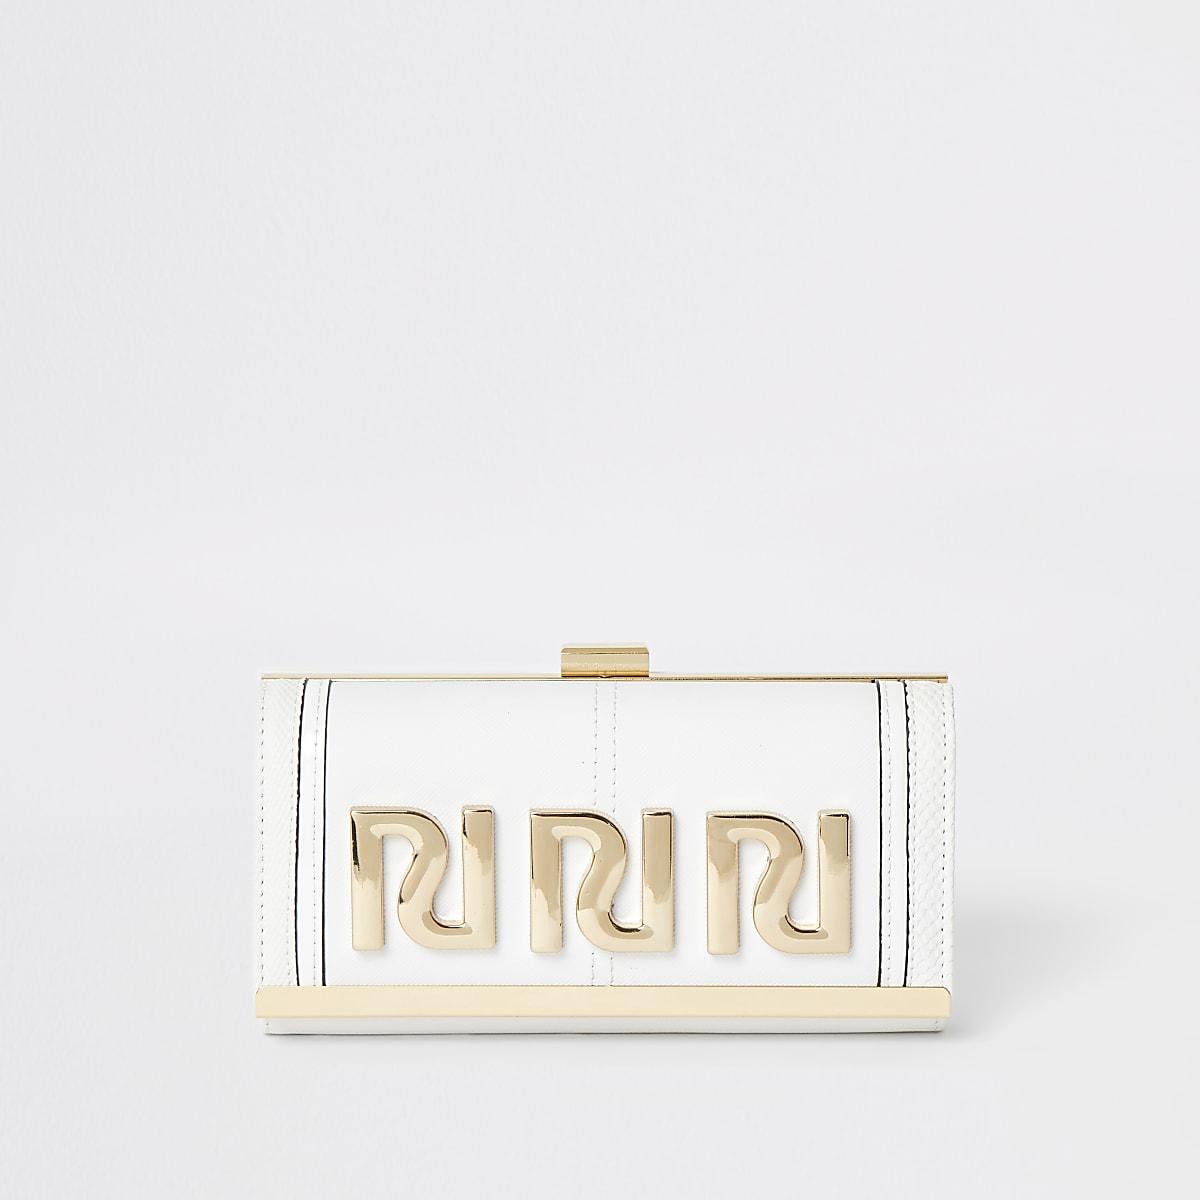 Witte Portemonnee.Witte Portemonnee Met Ri Logo In Relief En Druksluiting